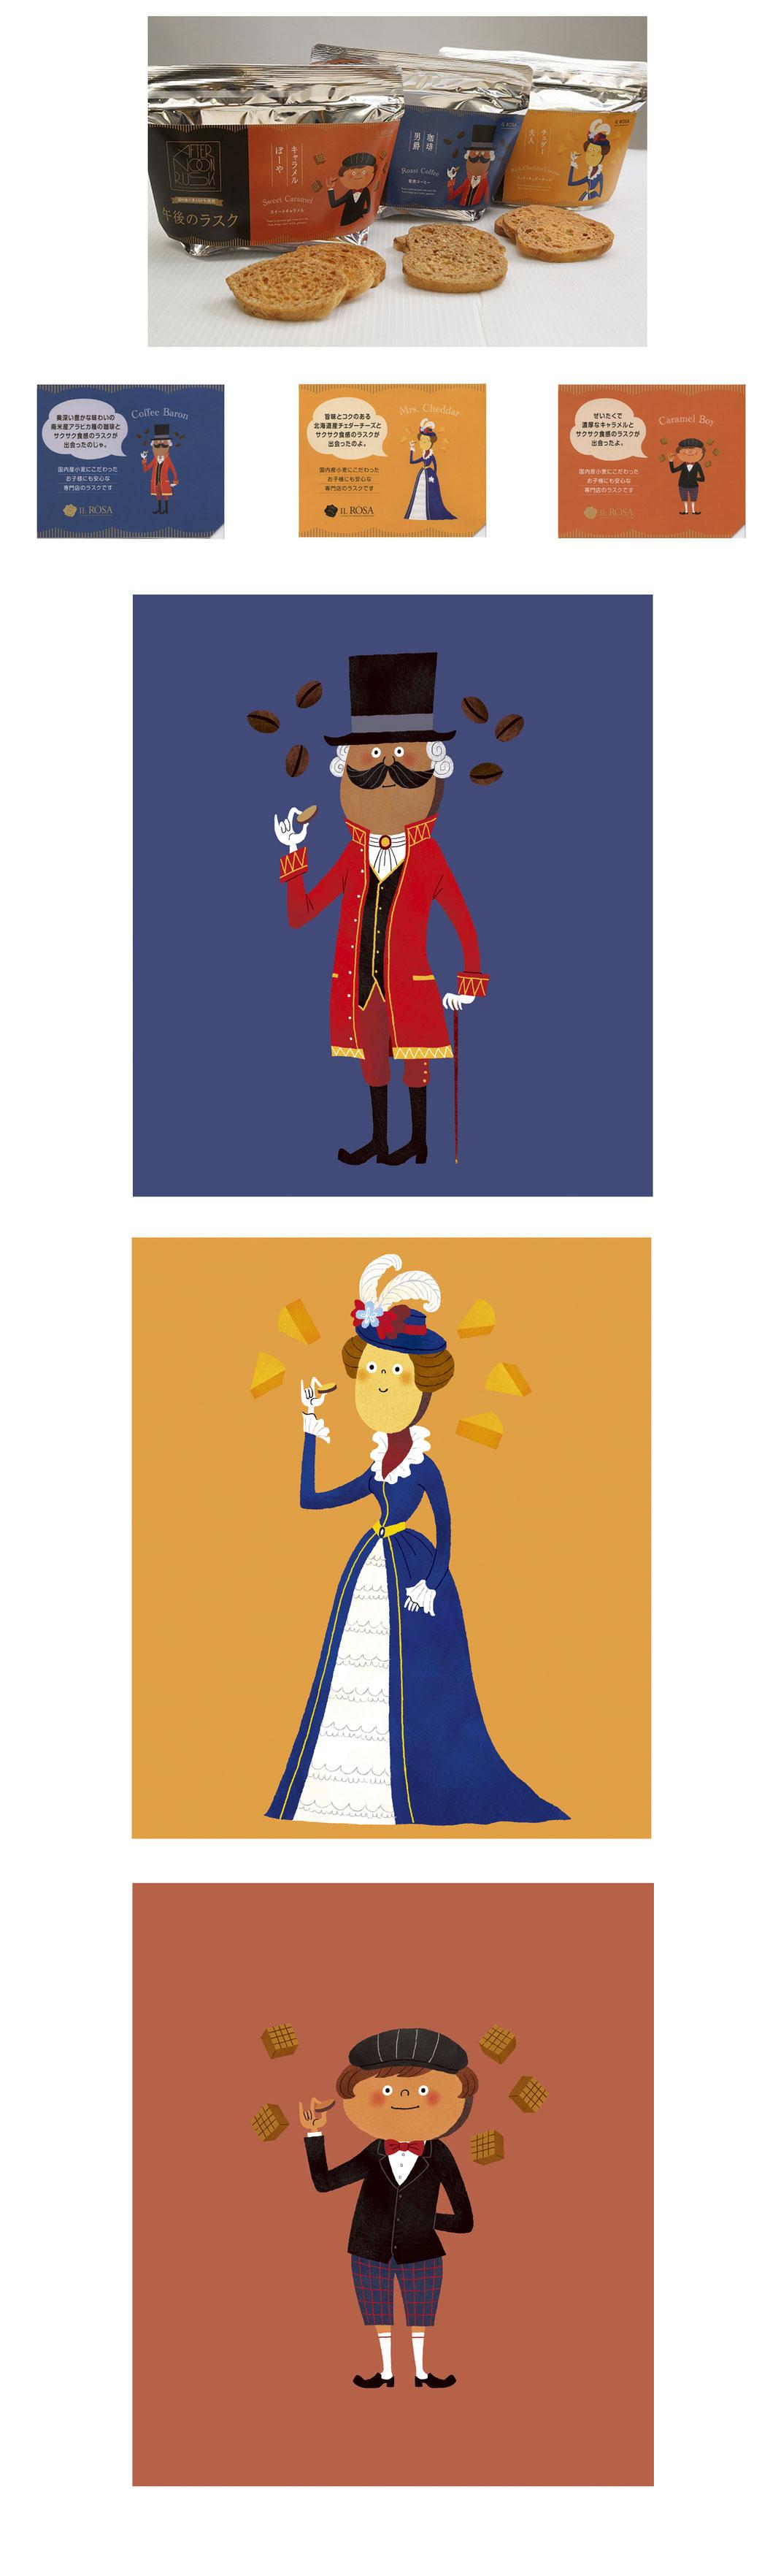 ラスクのパッケージキャラクター3種類のイラスト